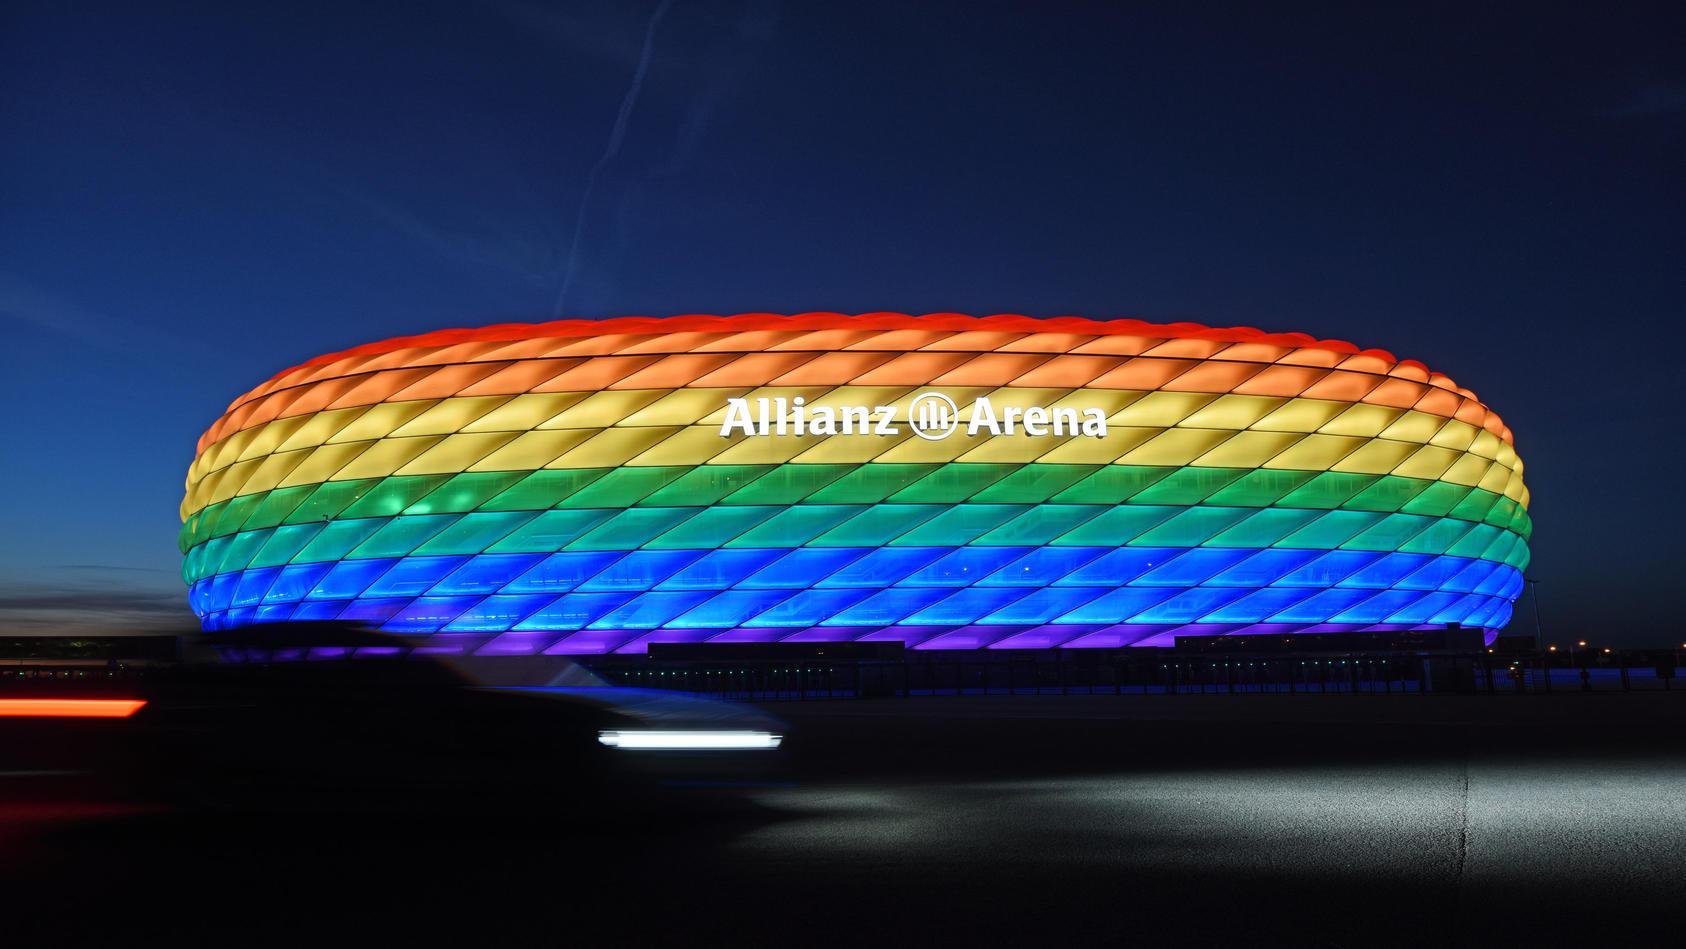 Das Münchner EM-Stadion in Regenbogenfarben.